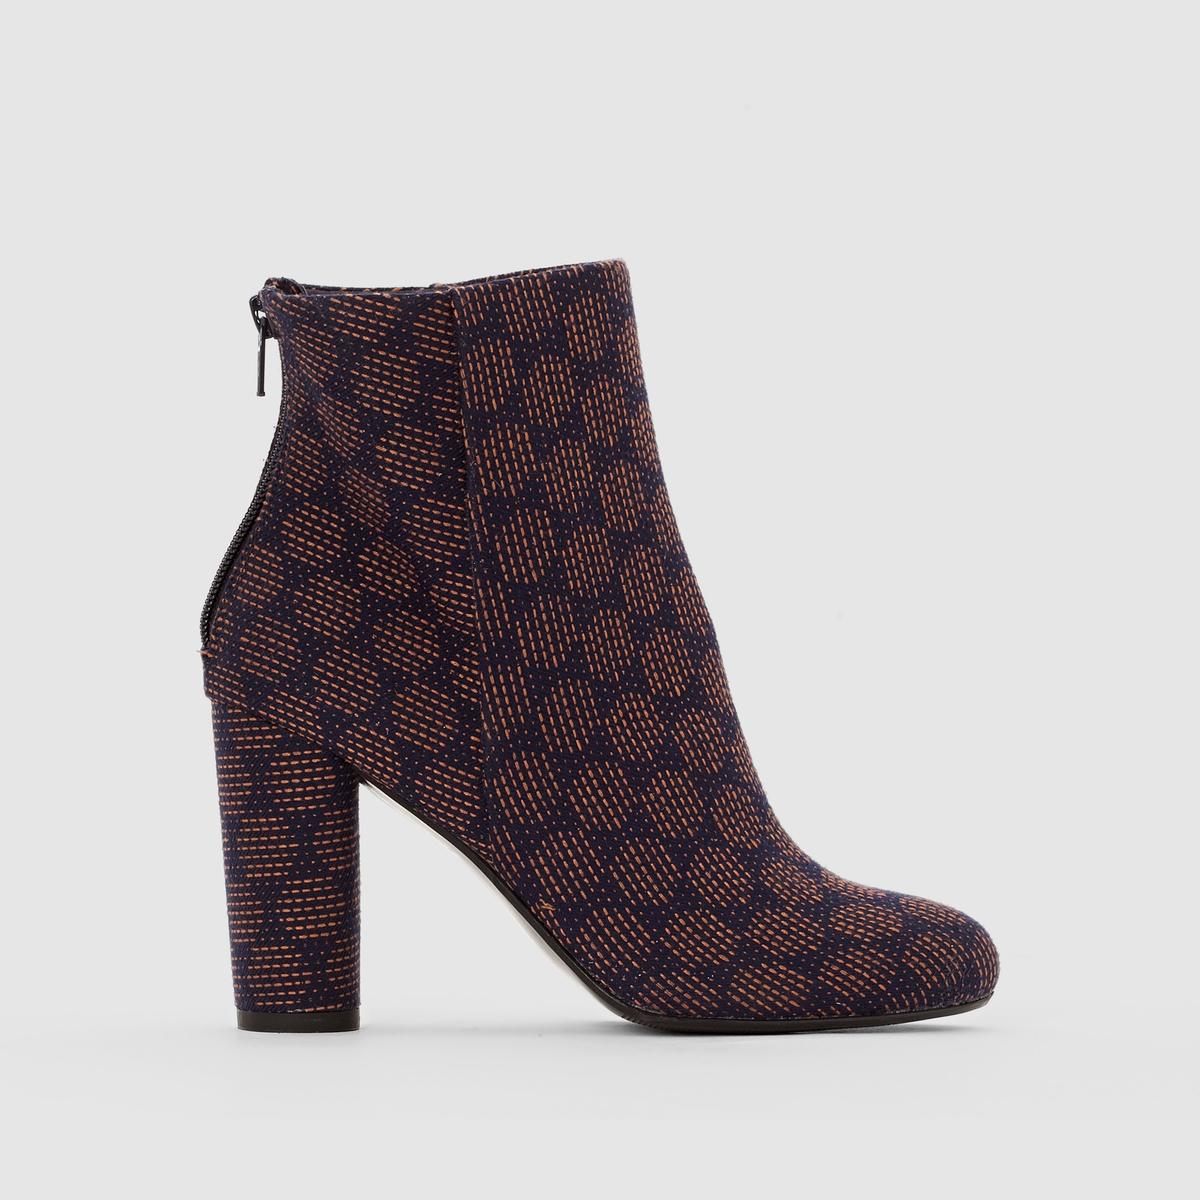 Ботильоны с рисунком на каблукеМарка : Mademoiselle R. ВерхВерх : текстильПодкладка : текстильСтелька : кожа.Подошва : из эластомера.Высота каблука : 9 см.Форма каблука: широкая Носок: круглый Застежка : на молнии сбоку<br><br>Цвет: рисунок темно-синий<br>Размер: 37.38.39